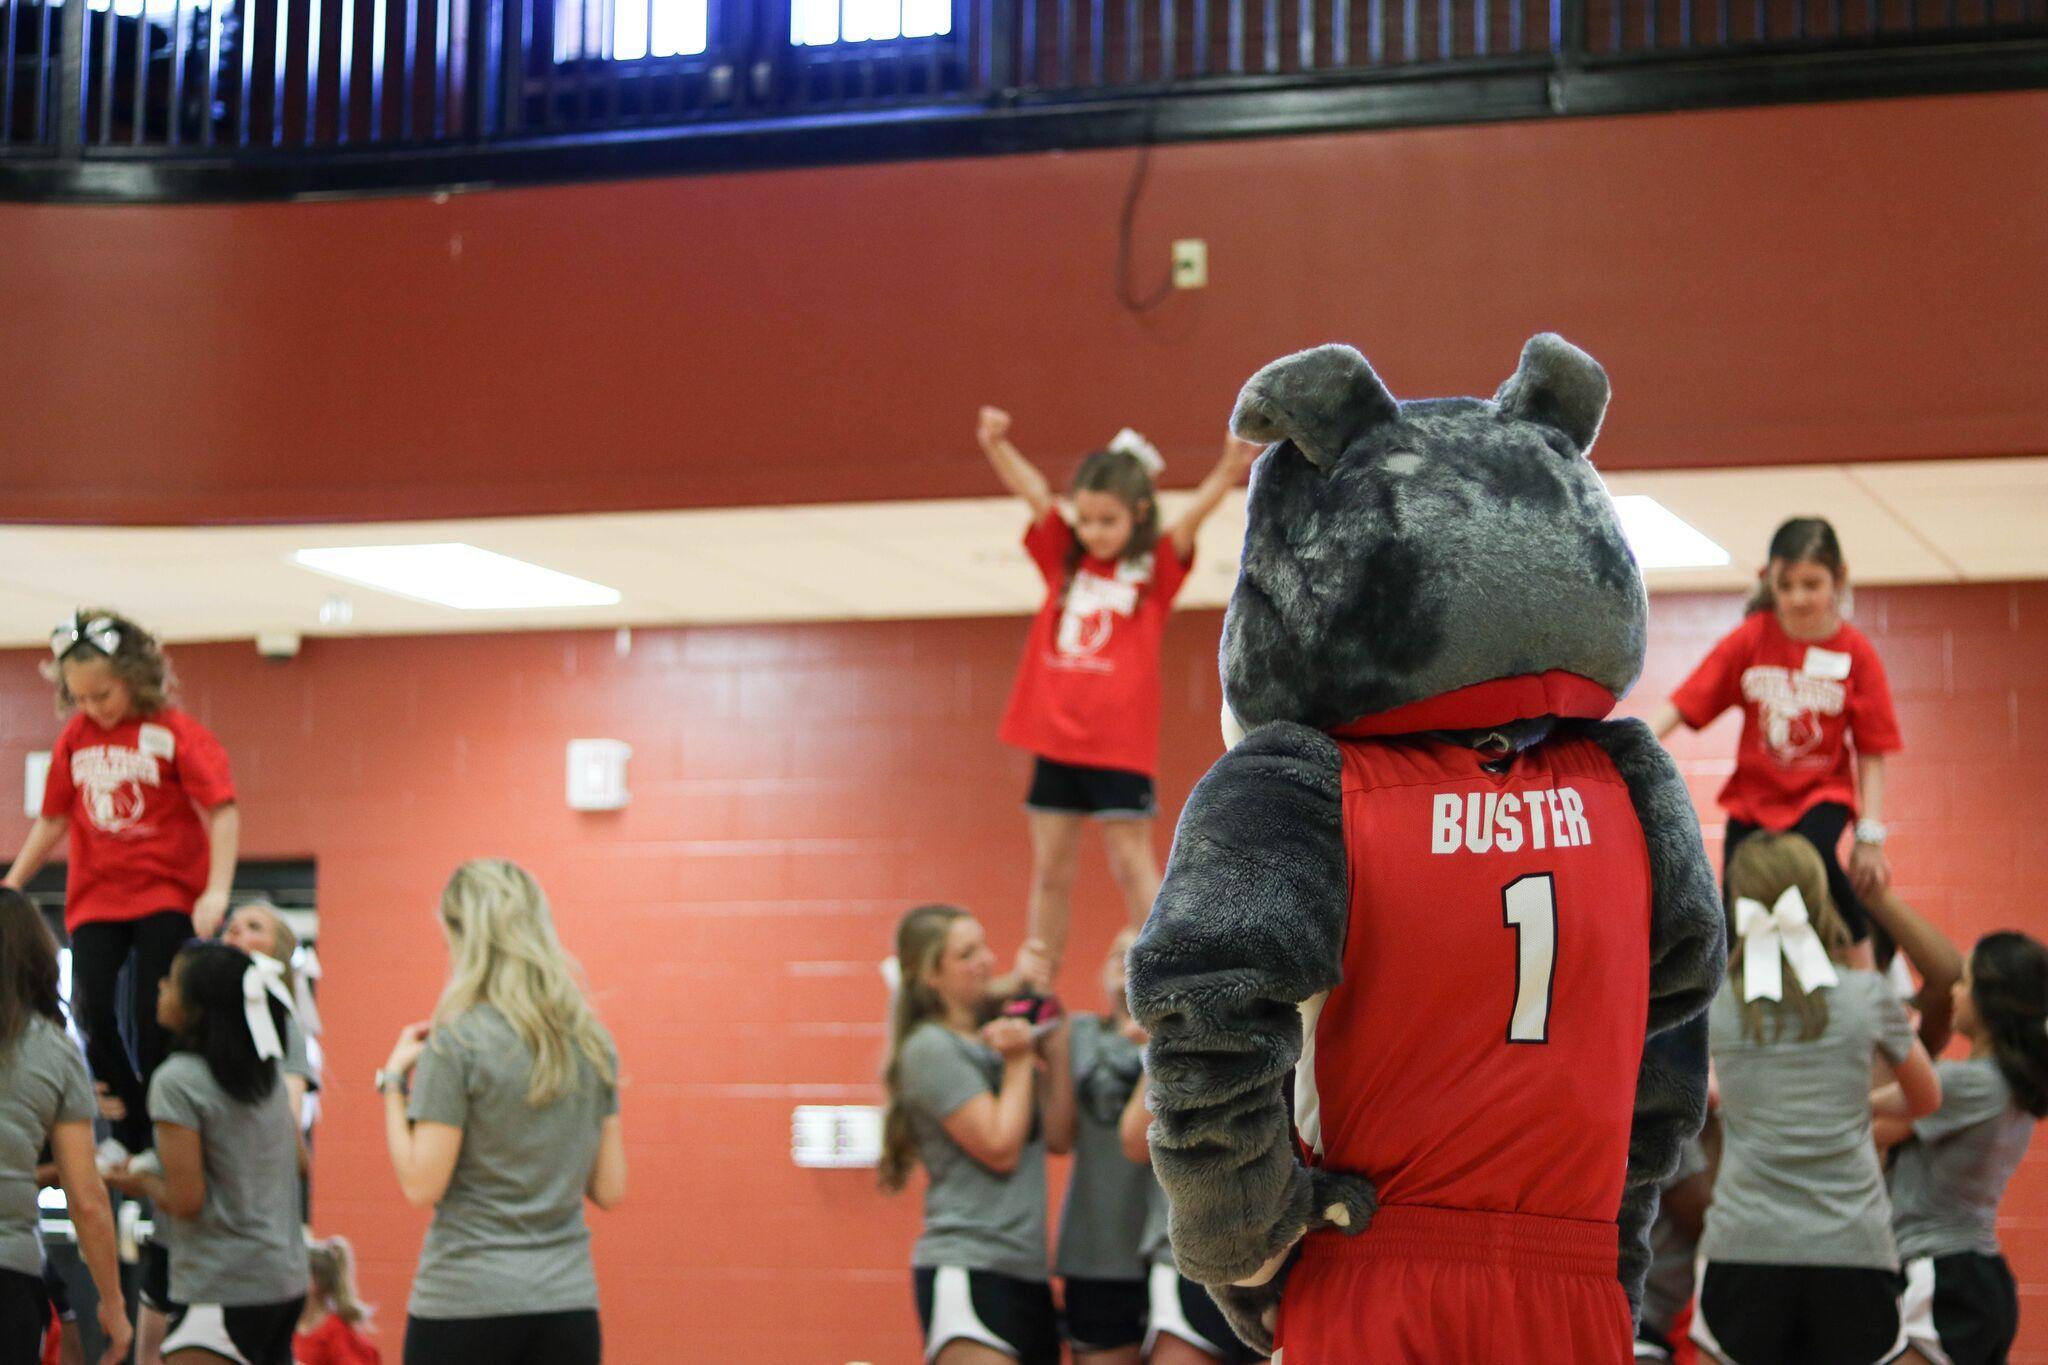 Buster the bulldog at a summer cheerleading camp mascot